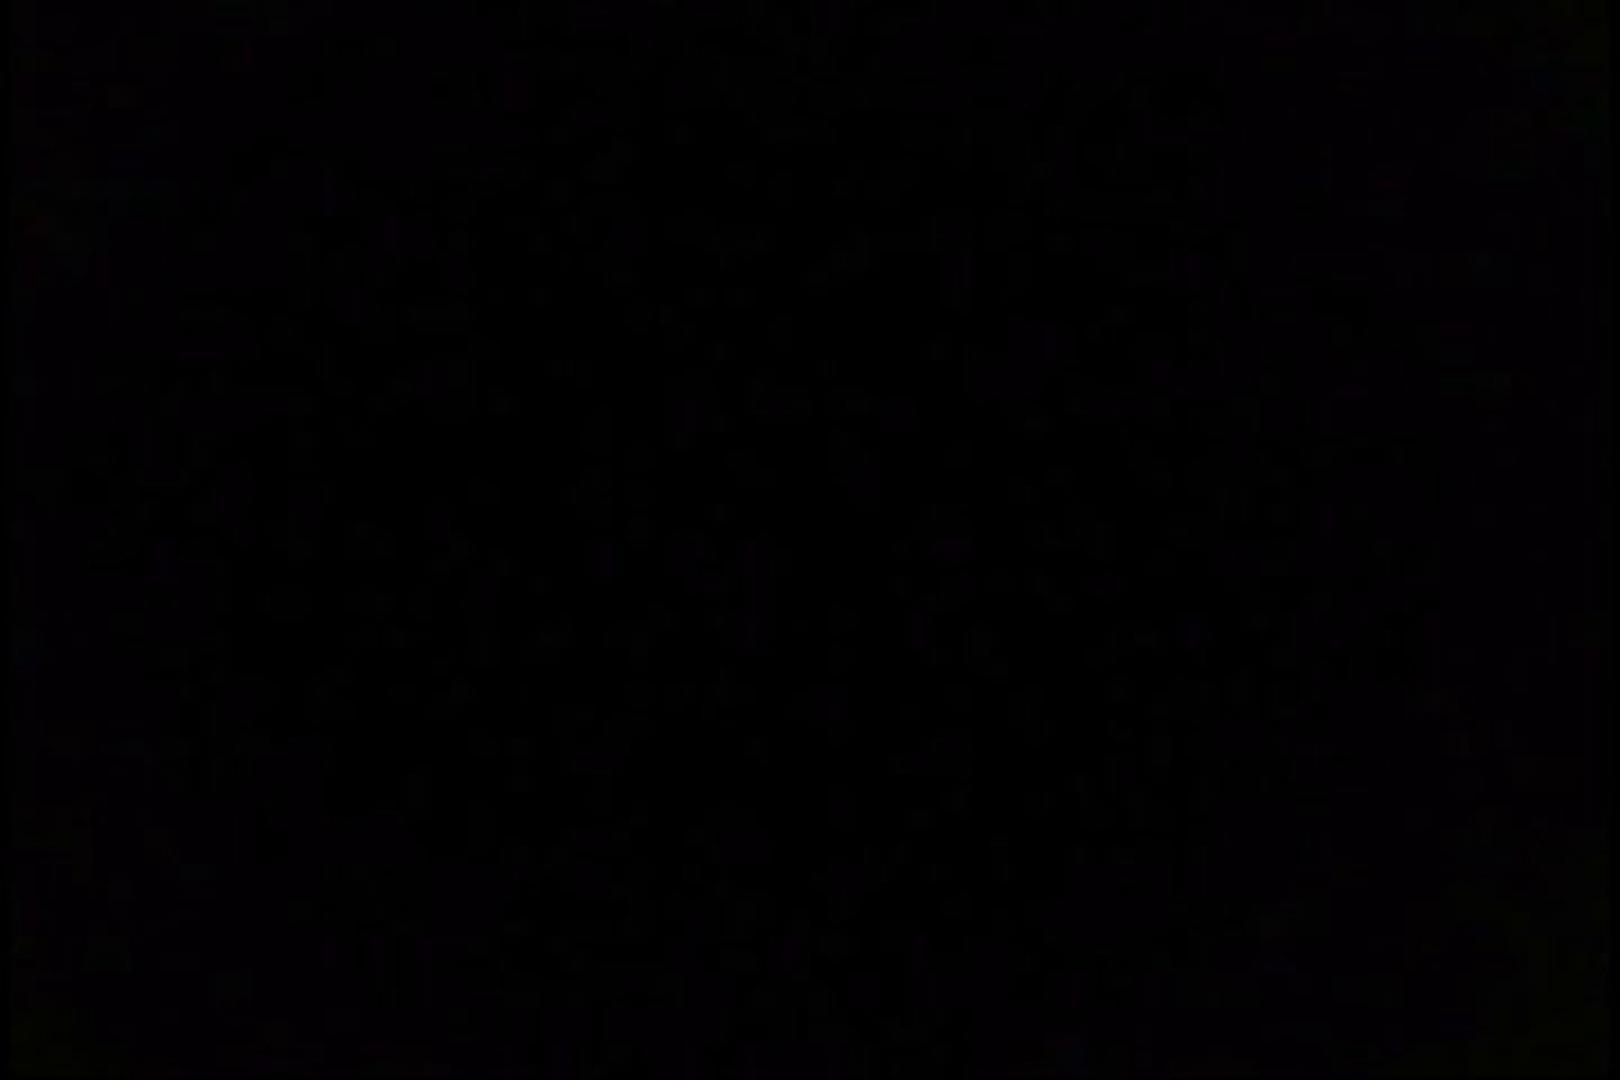 画質向上!新亀さん厠 vol.50 無料オマンコ エロ画像 85PICs 27